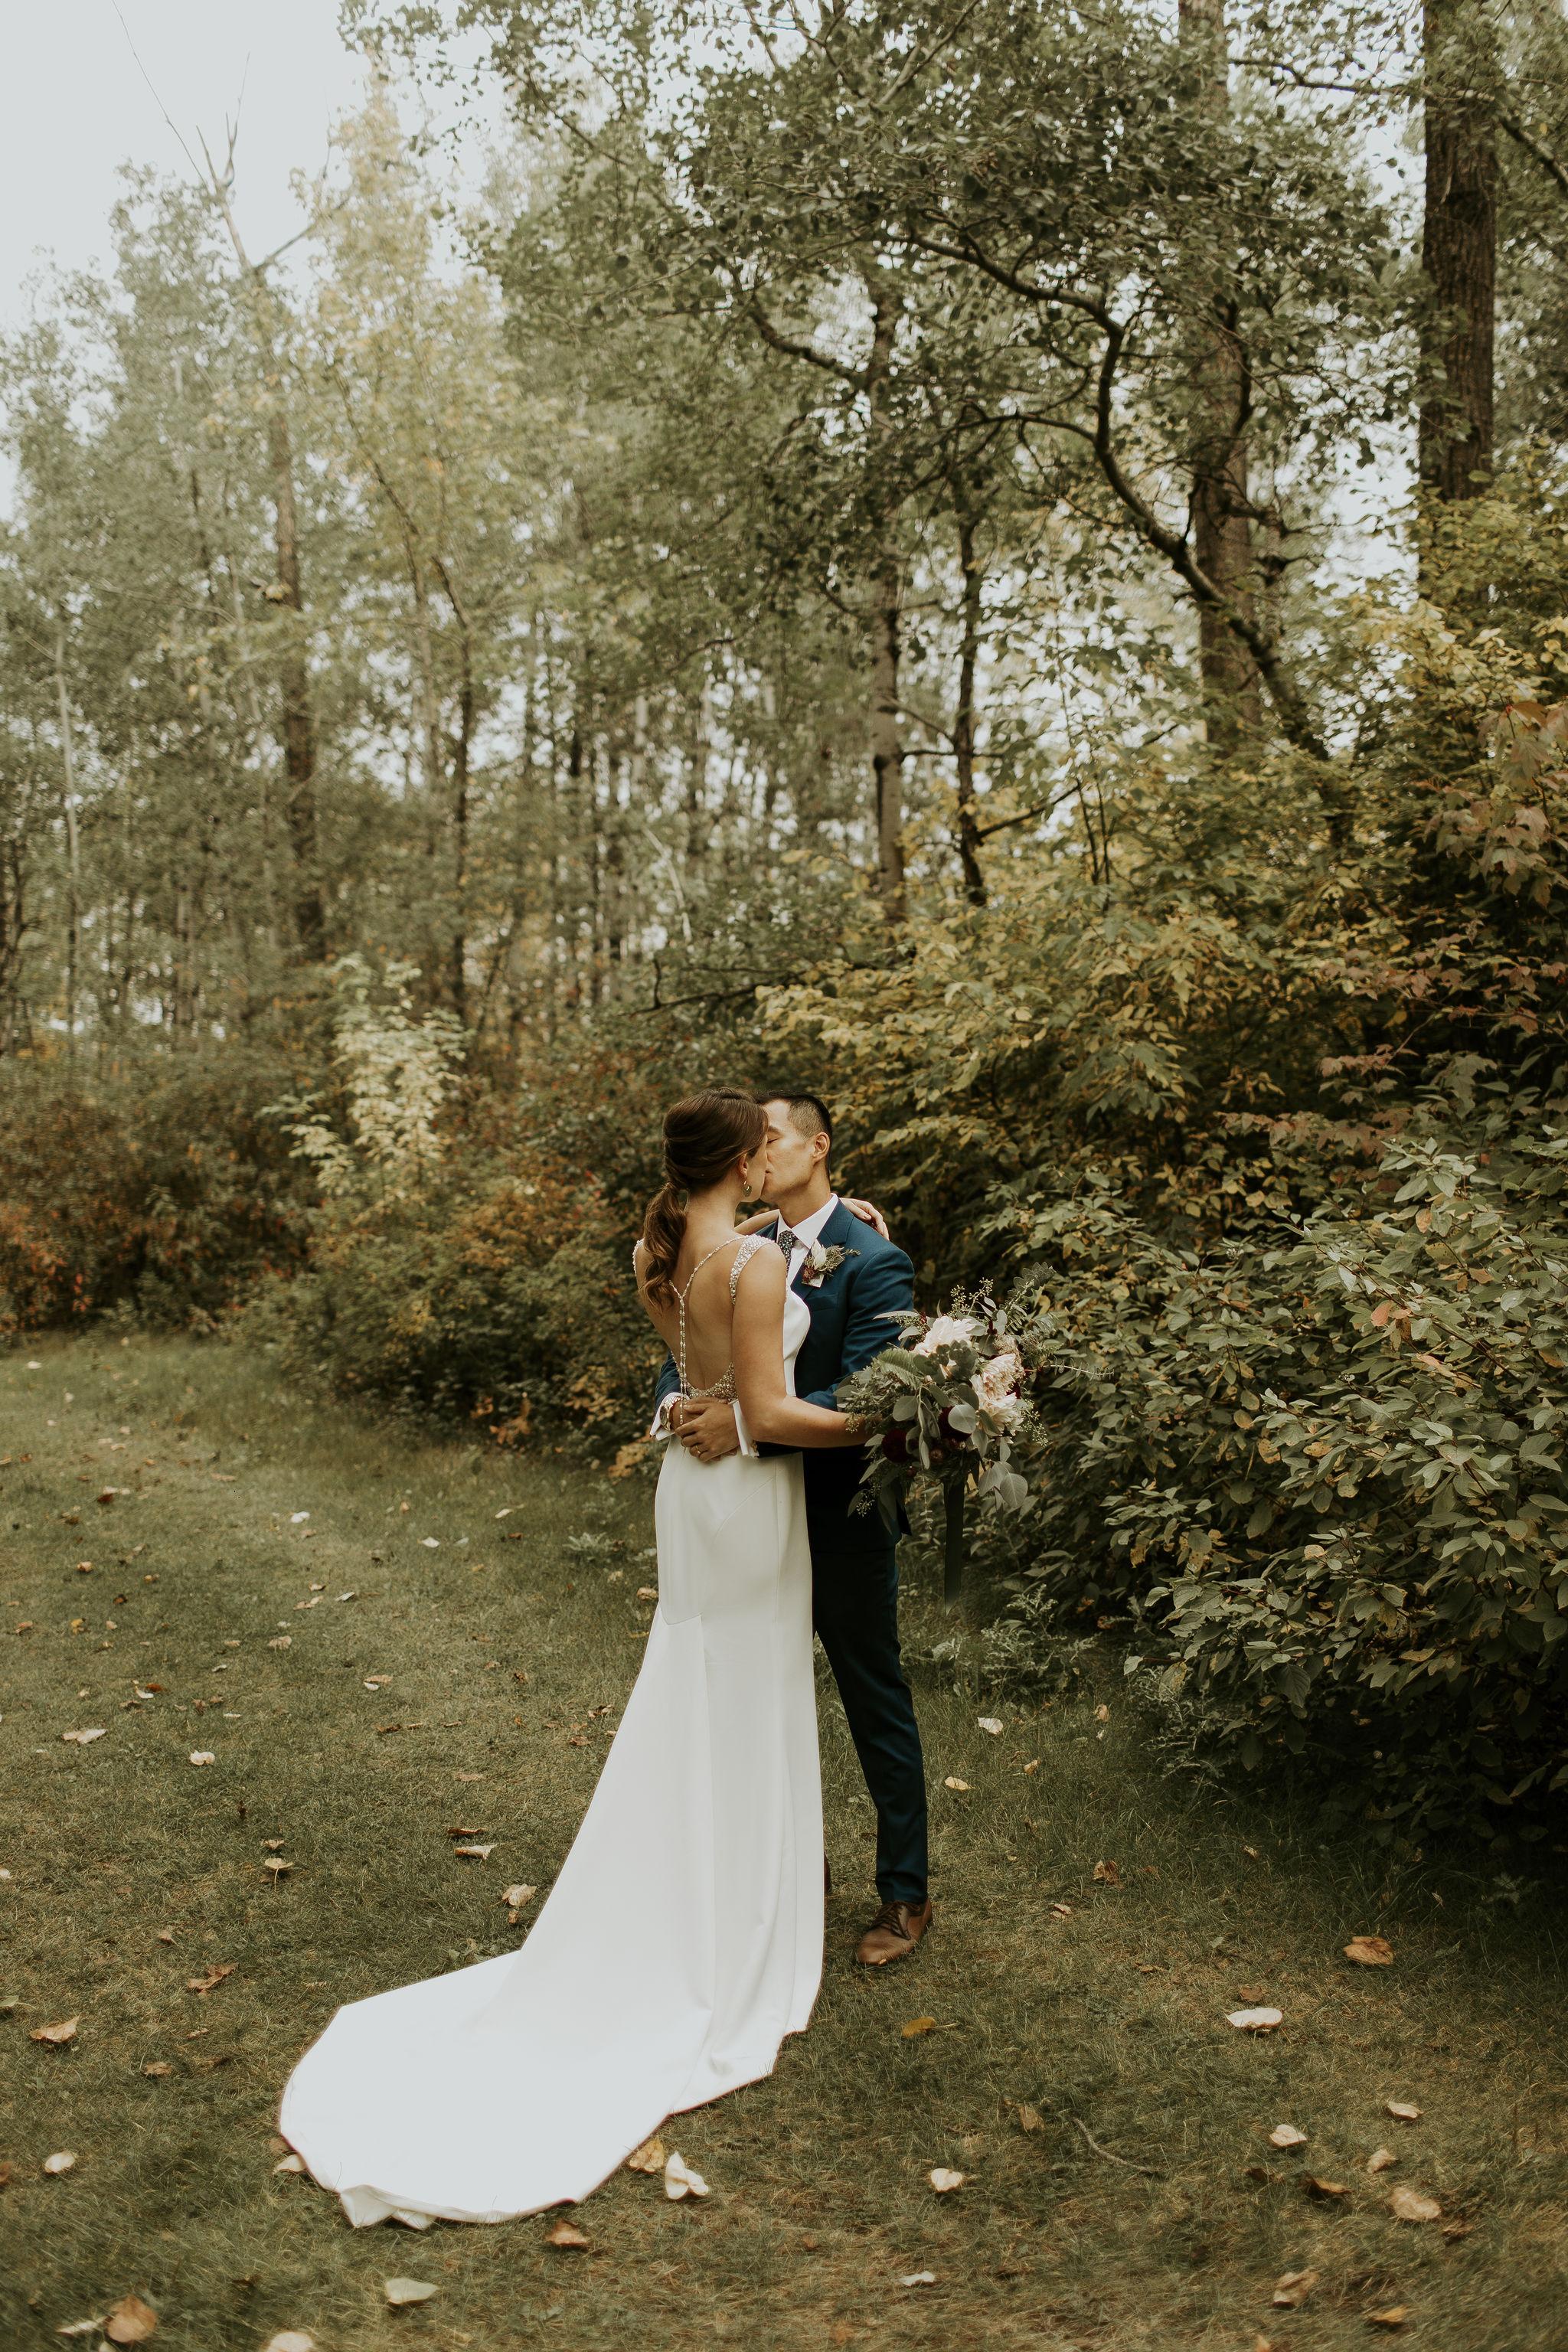 AK_Wedding_CouplePortraits-18.jpg